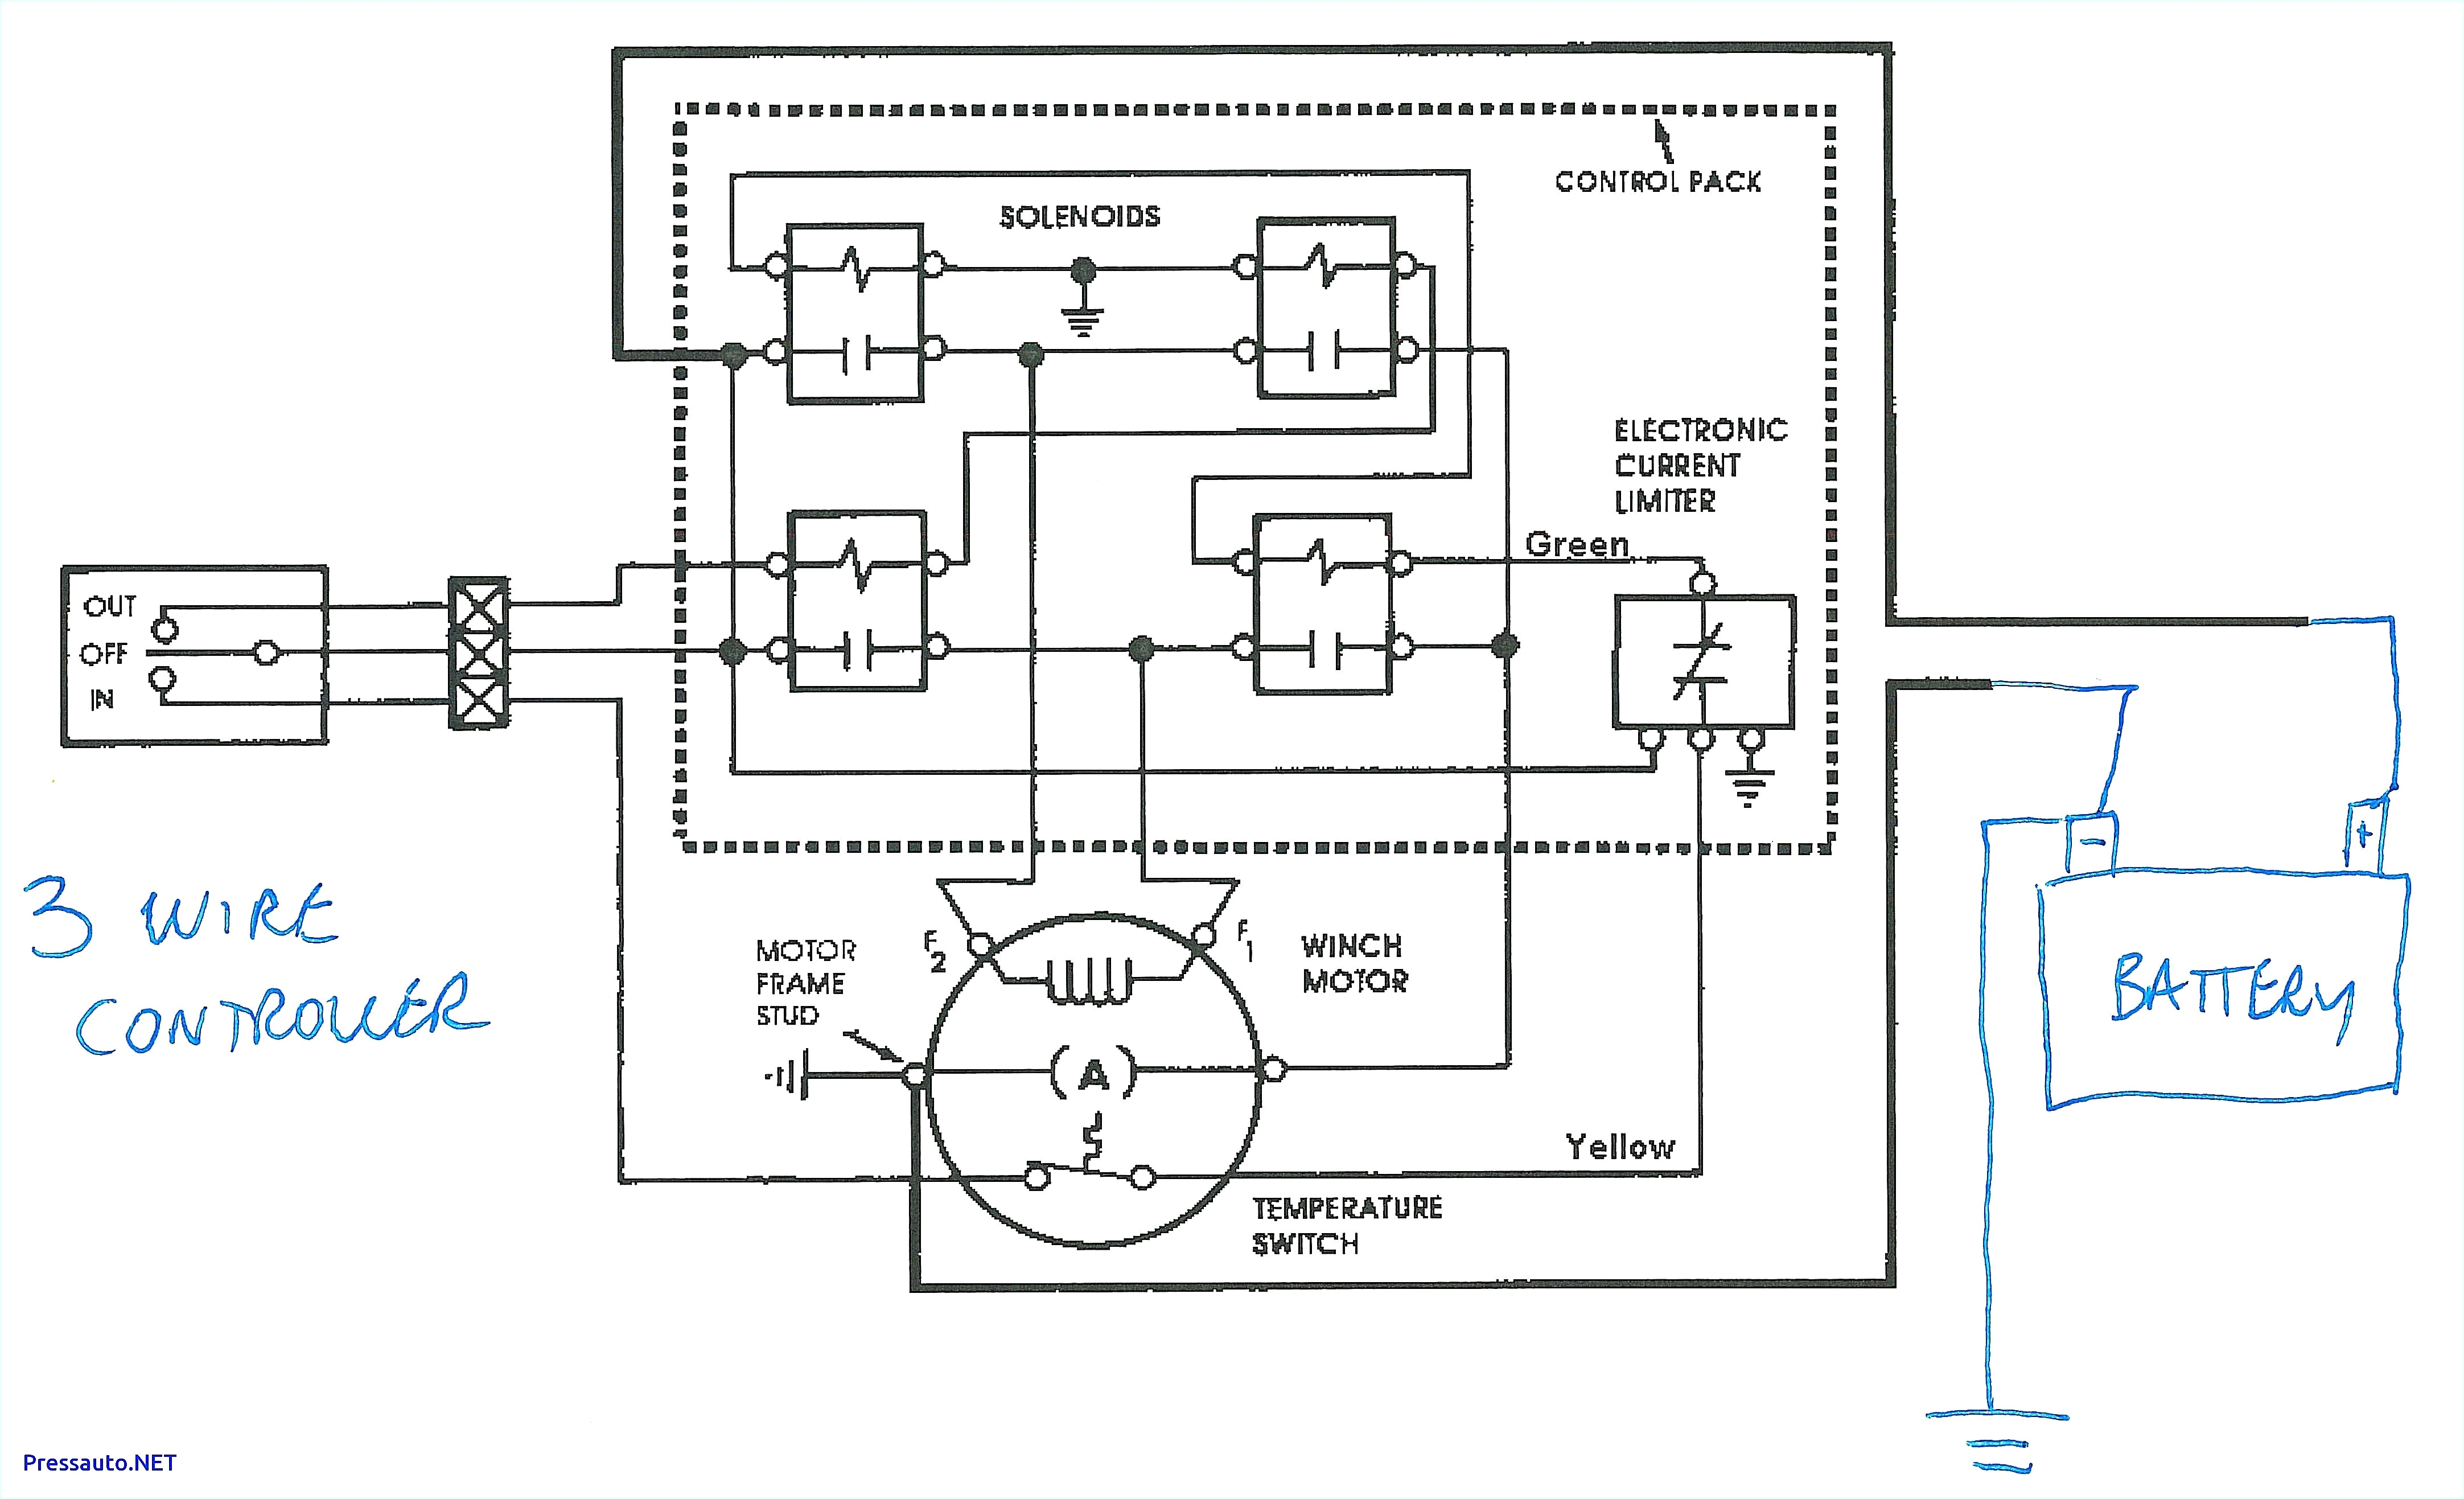 warn 38844 wiring diagram circuit diagram u0026 wiring diagramwarn 9 5cti wiring diagram wiring diagram